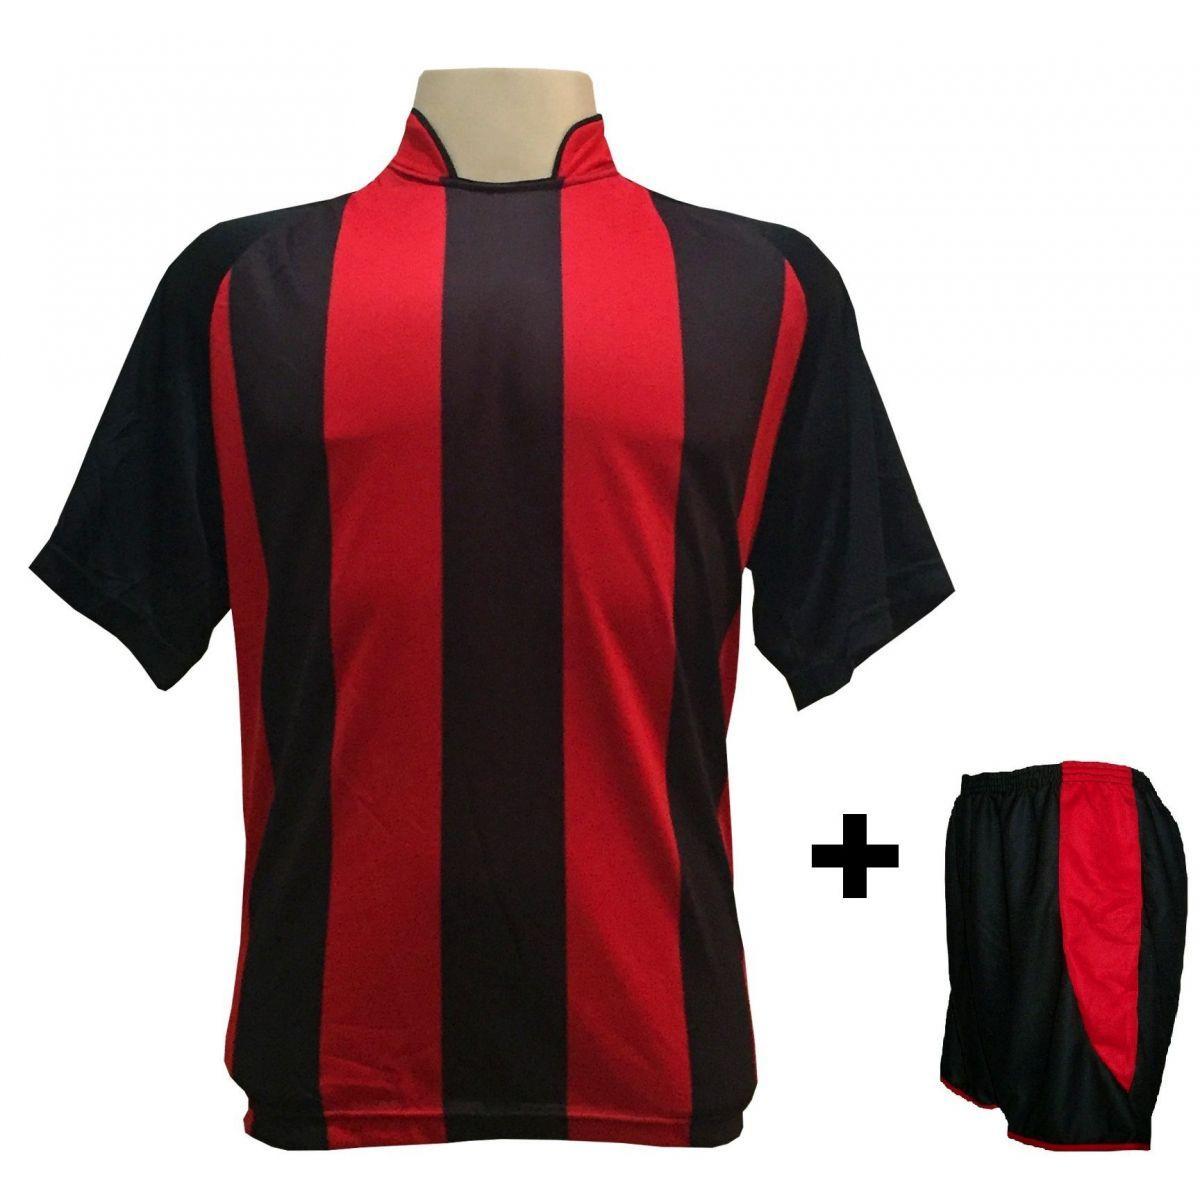 edd88c63e4 Uniforme Esportivo com 12 camisas modelo Milan Preto Vermelho + 12 calções  modelo Copa Preto Vermelho + Brindes - Play fair - Futebol - Magazine Luiza